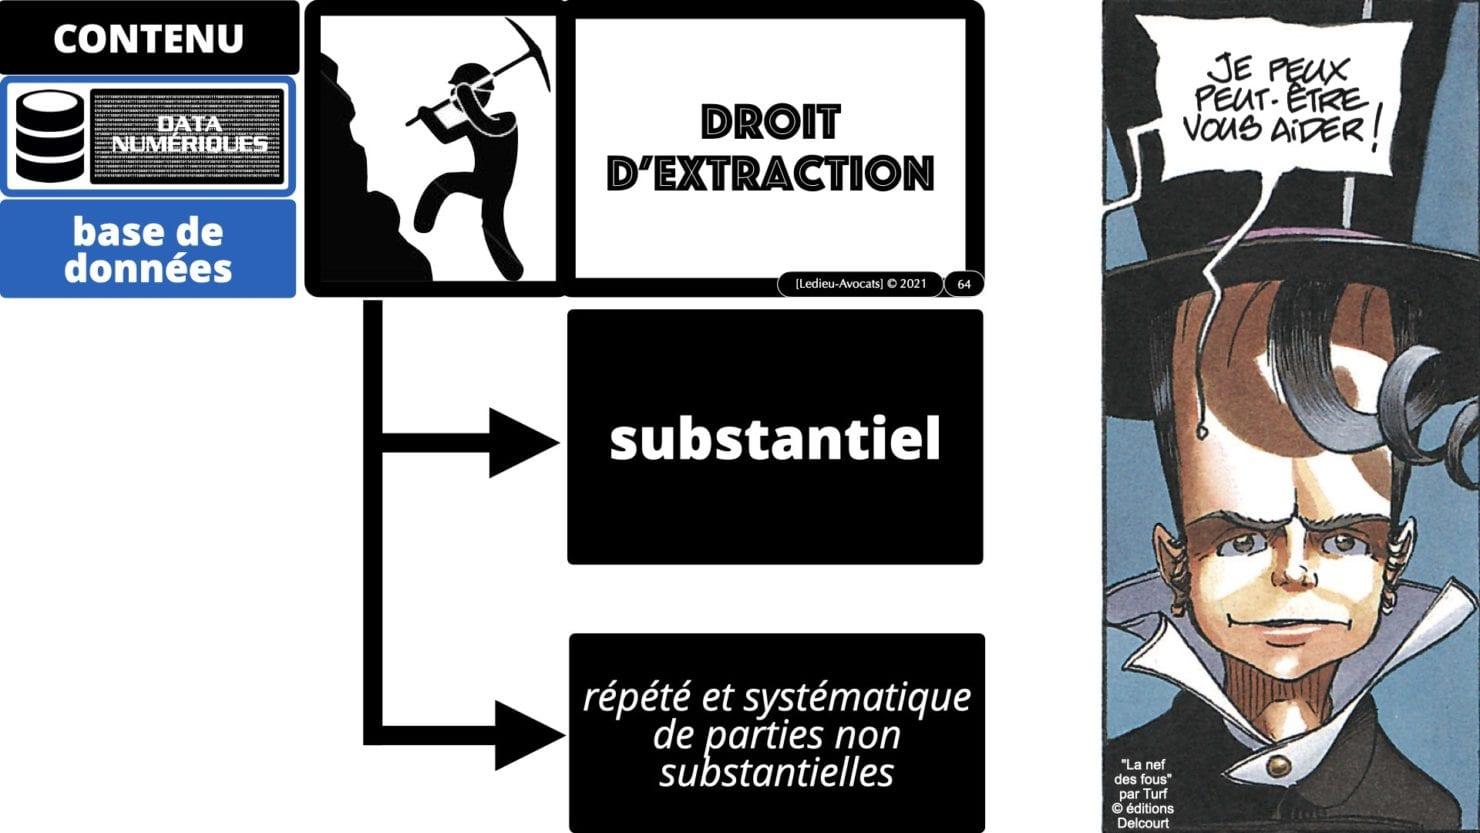 334 extraction indexation BASE DE DONNEES © Ledieu-avocat 24-05-2021.064